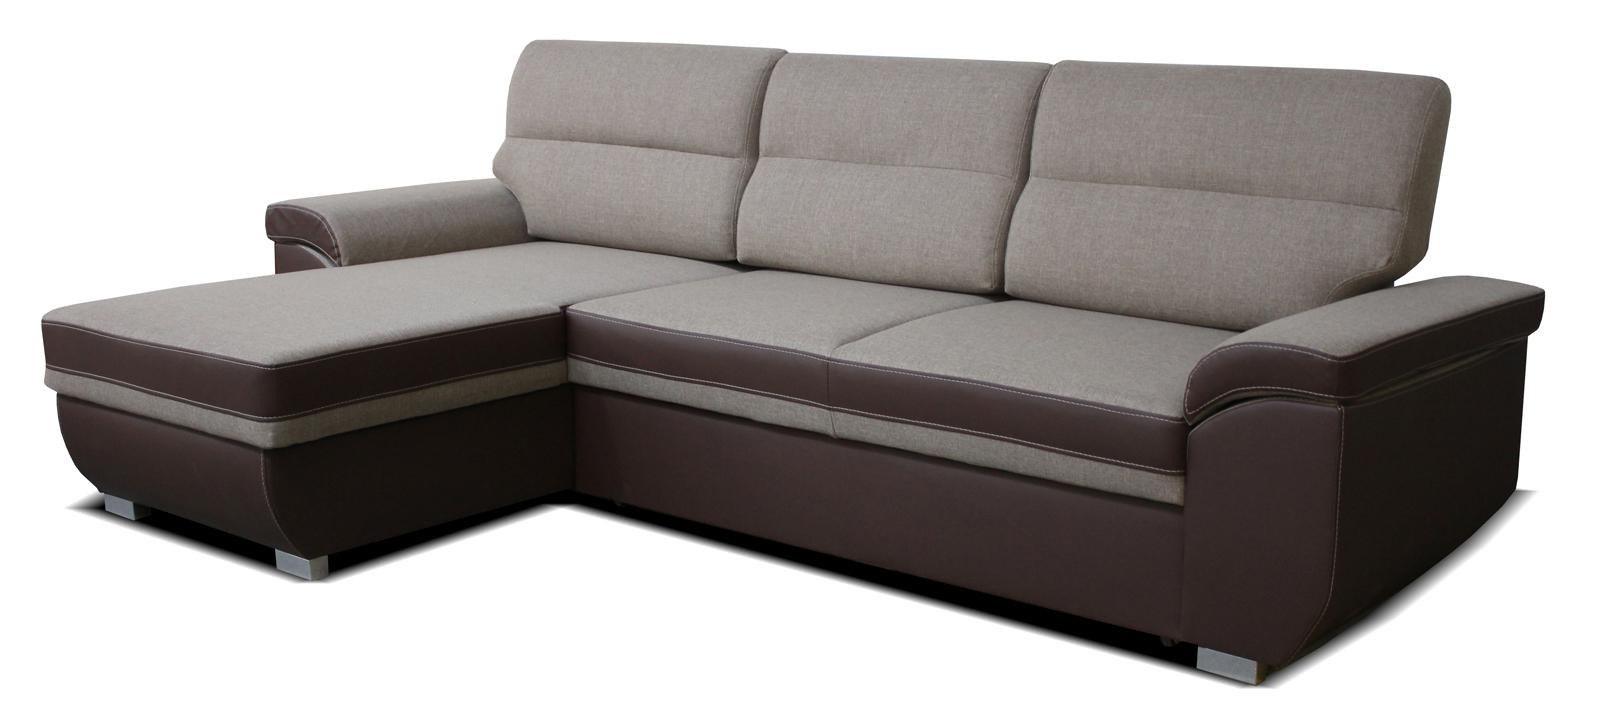 Rohová sedací souprava - Po-Sed - Lucan L+2F (béžová + hnědá) (L)